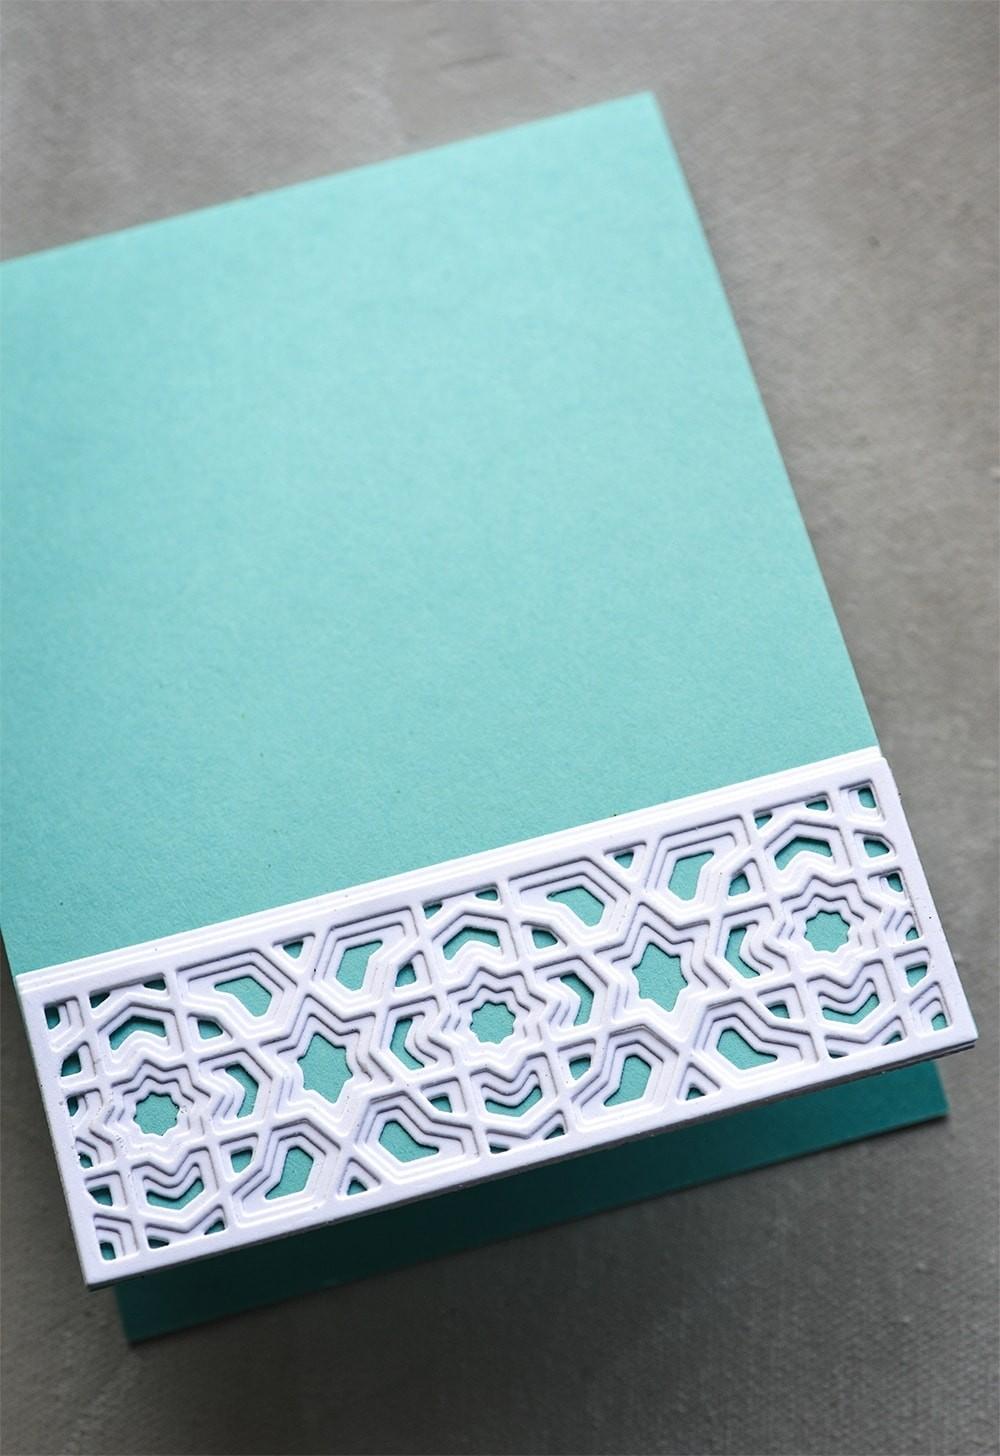 Birch Press Mini Grandiose Bevel Plate Layer Set 56101